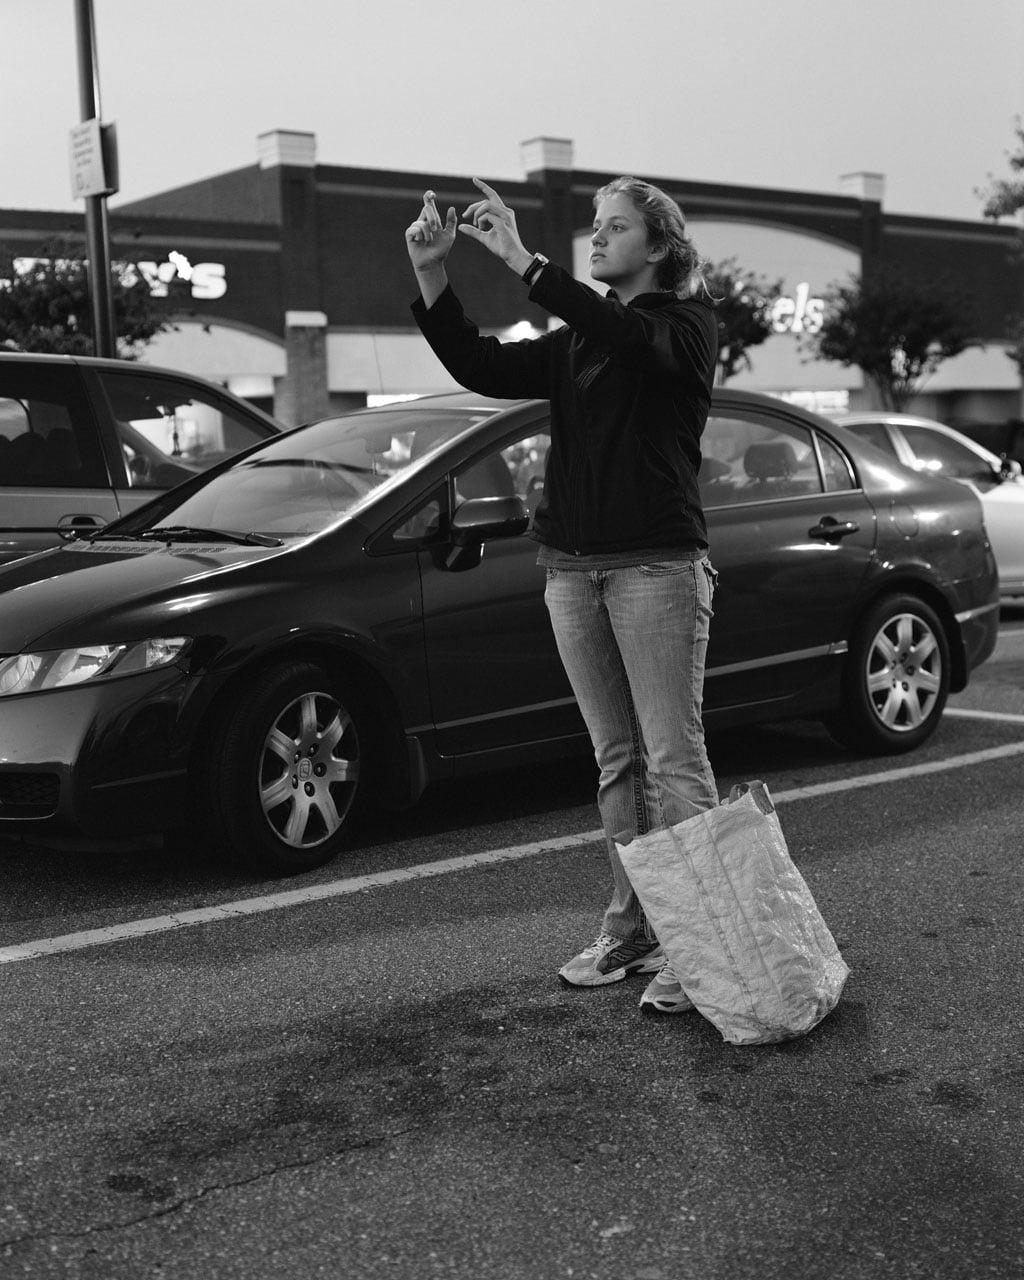 melissa Un photographe enlève les smartphones sur ses photos